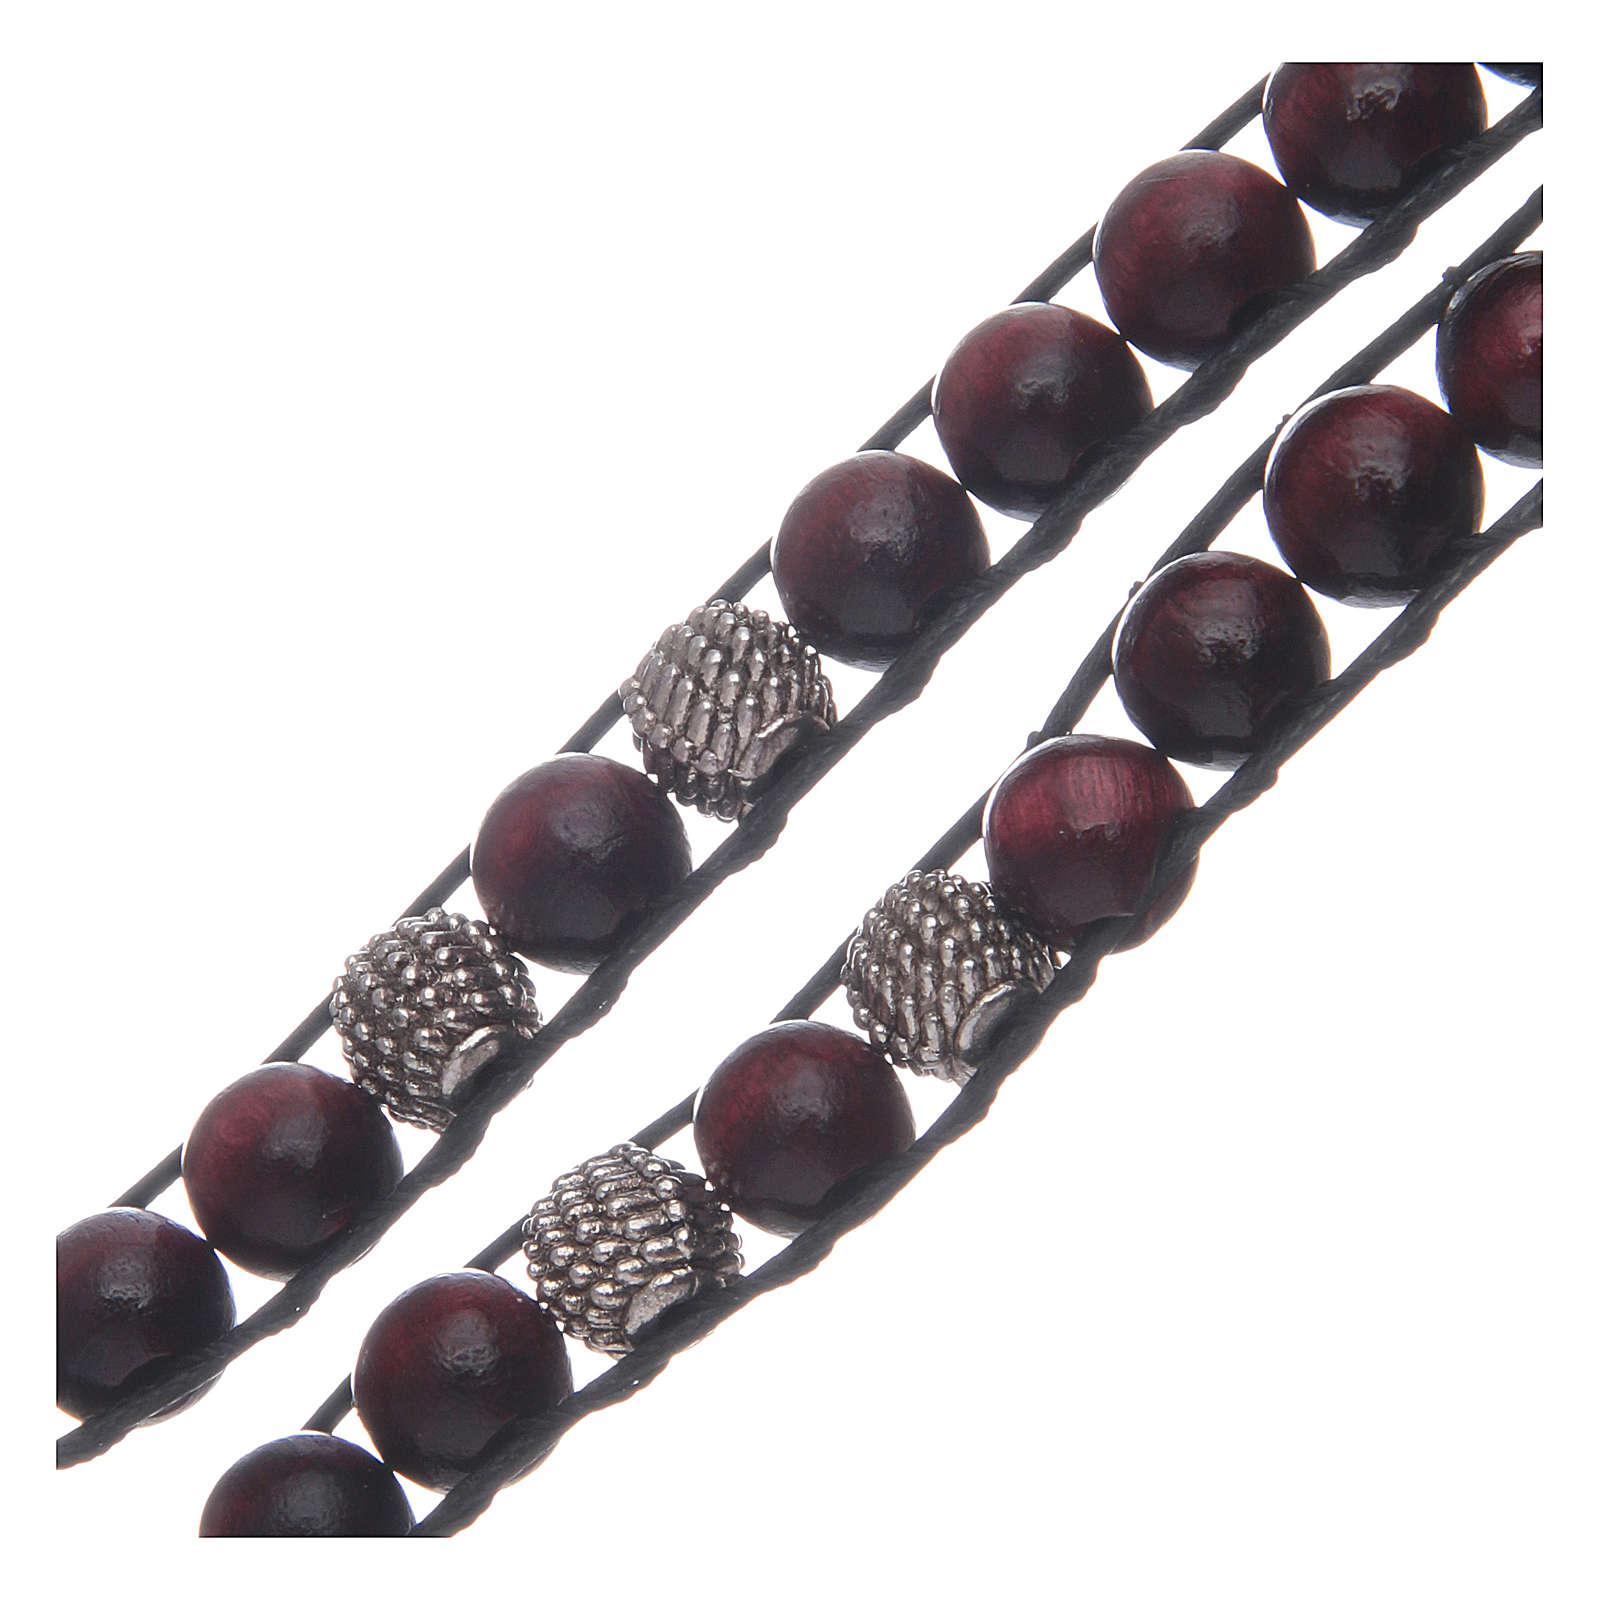 Bracelet avec grains bois de palissandre 8 mm St Benoît 4